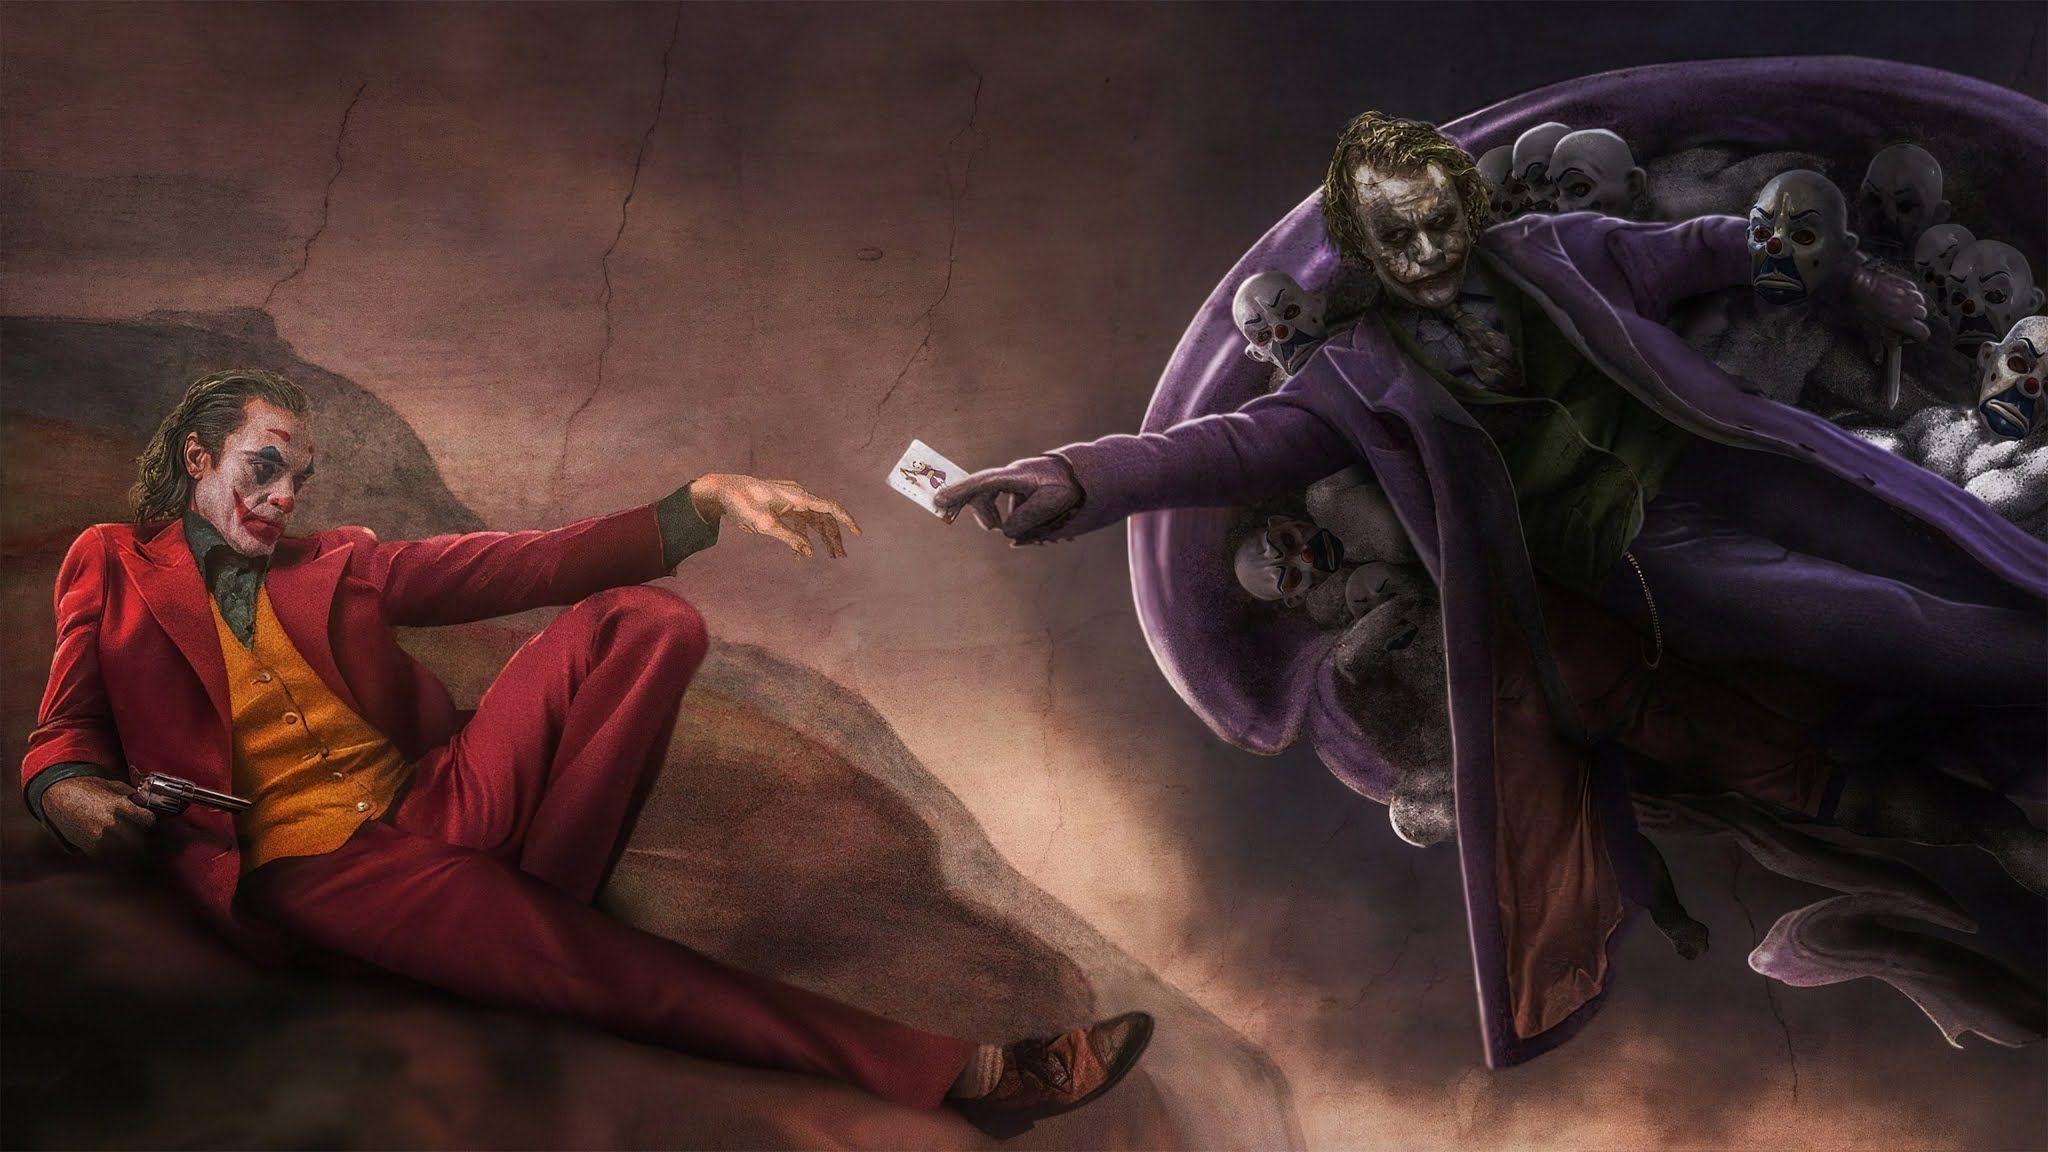 جاليري جنتنا خلفيات الجوكر Joker Hd 5k Joker Artwork Joker Wallpapers Joker Poster